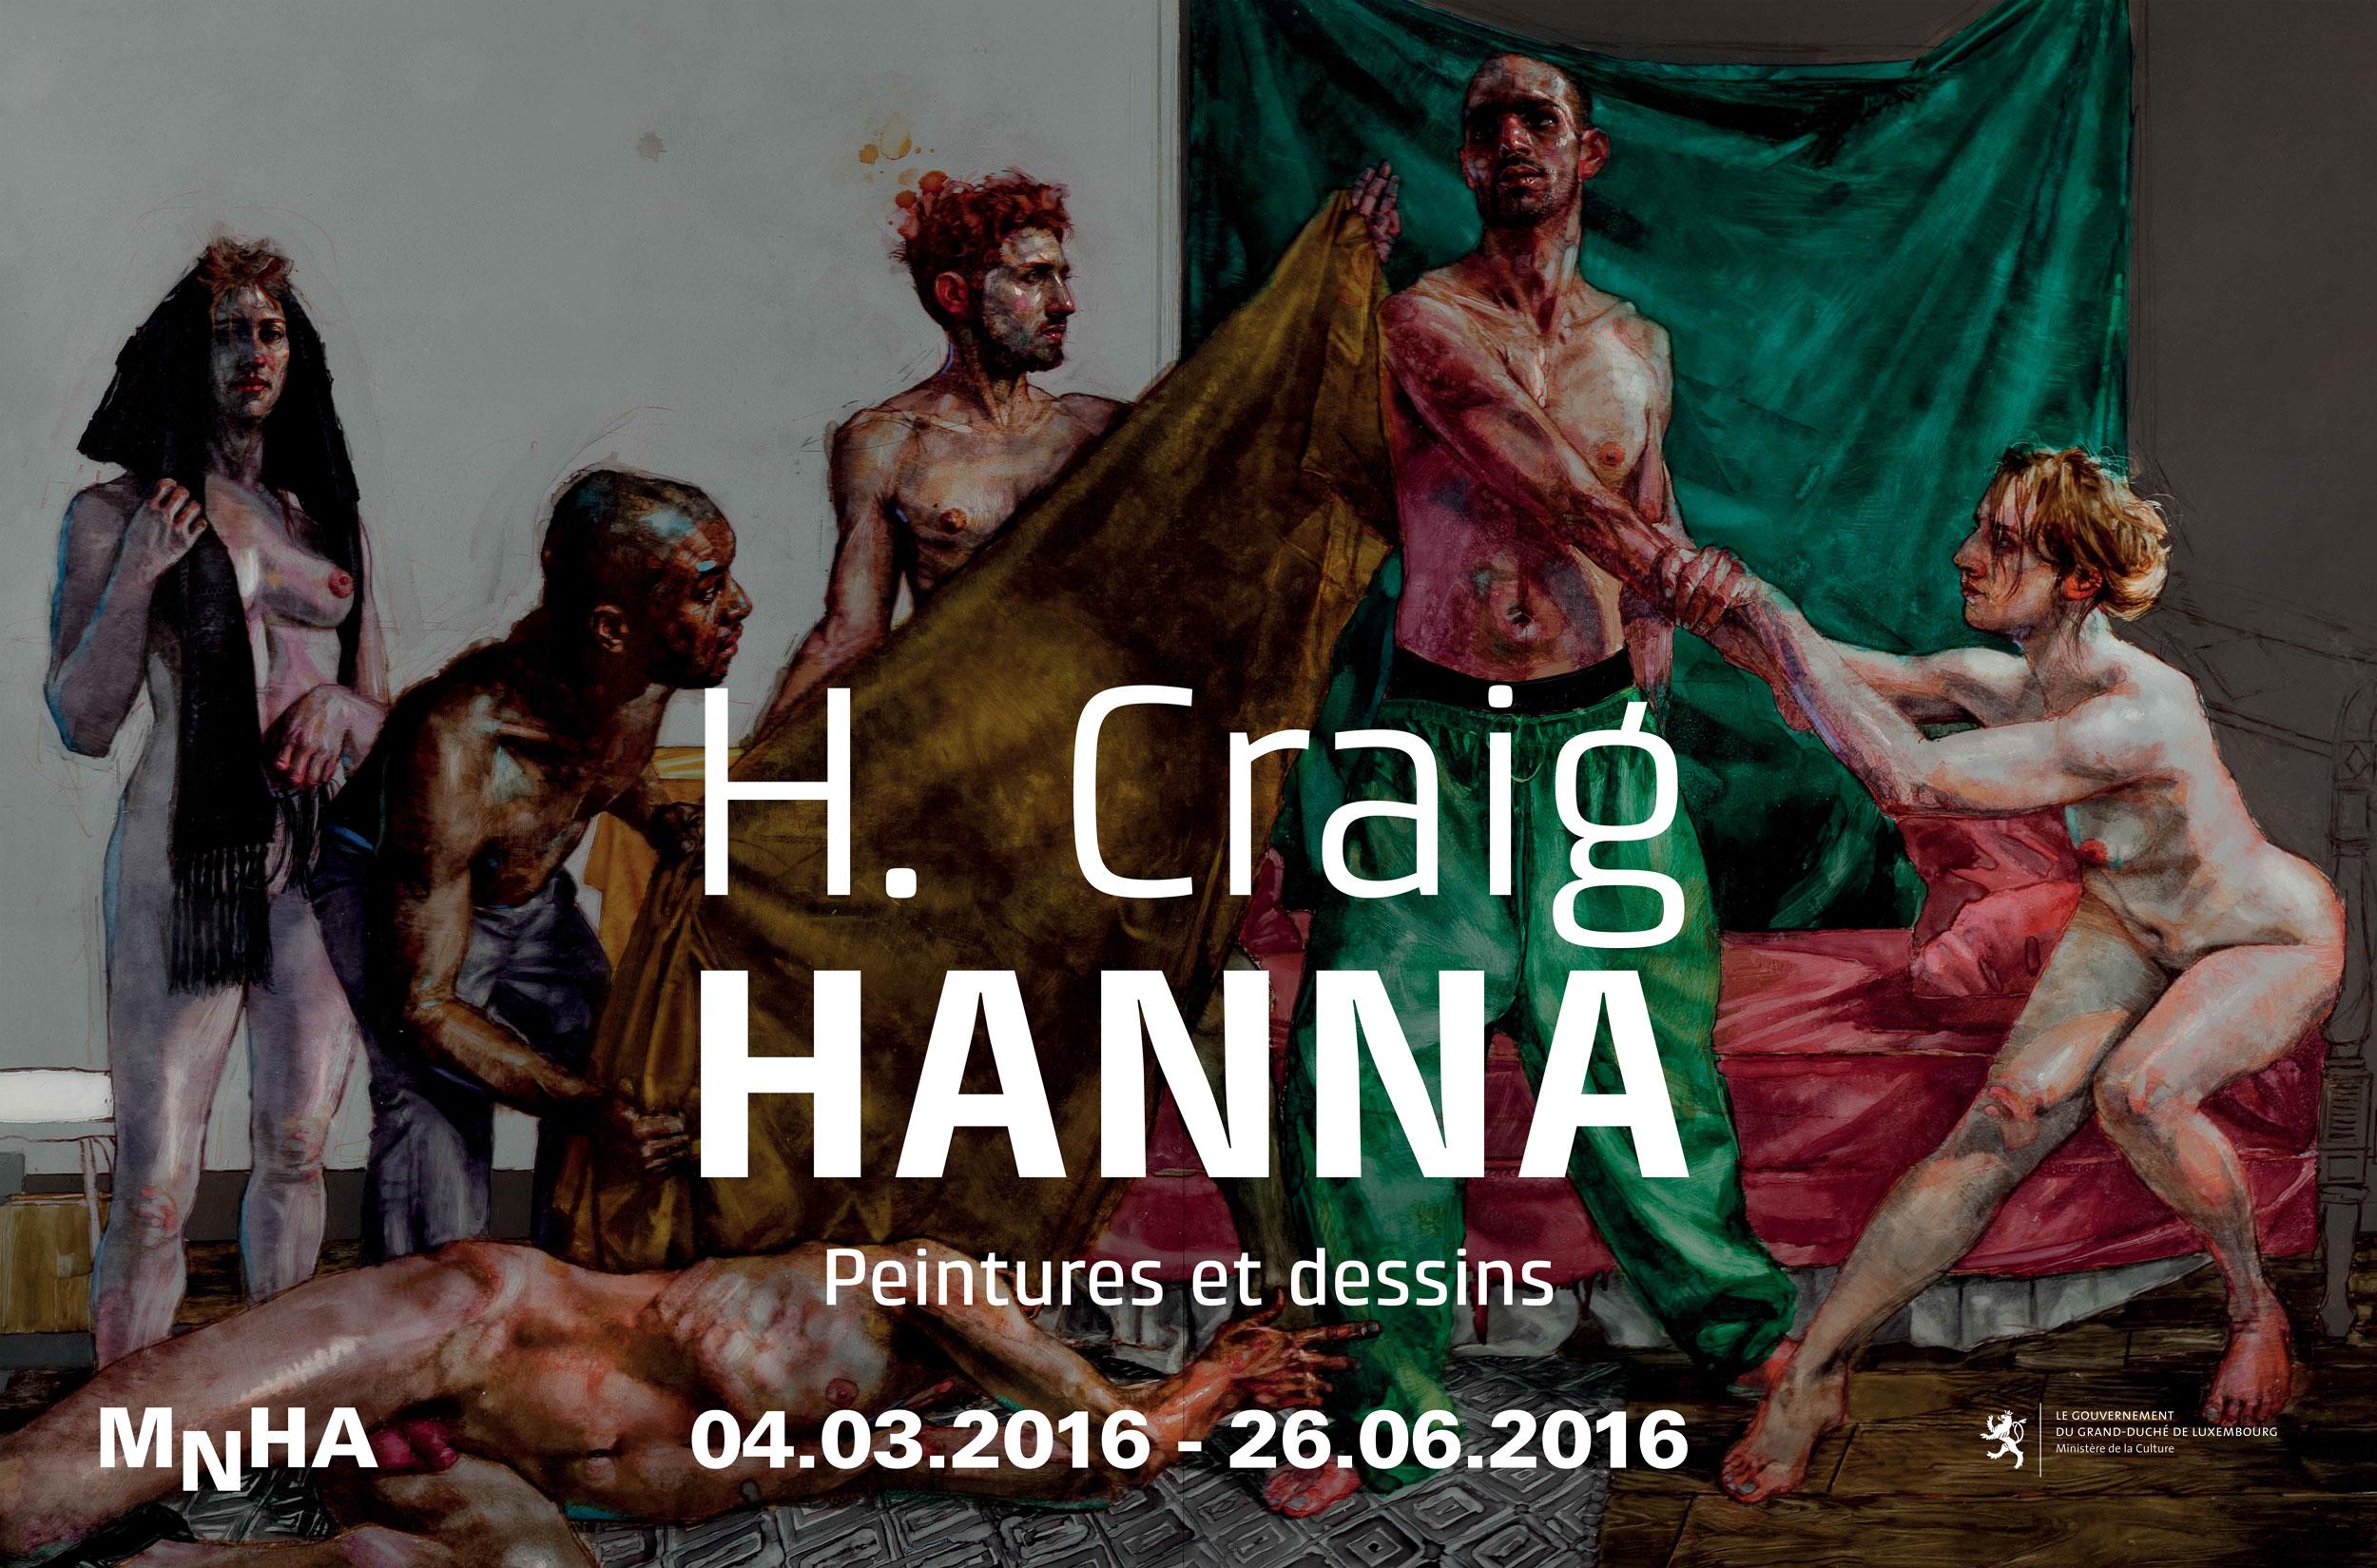 H Craig HANNAMusée national d'histoire et d'art, Luxembourg